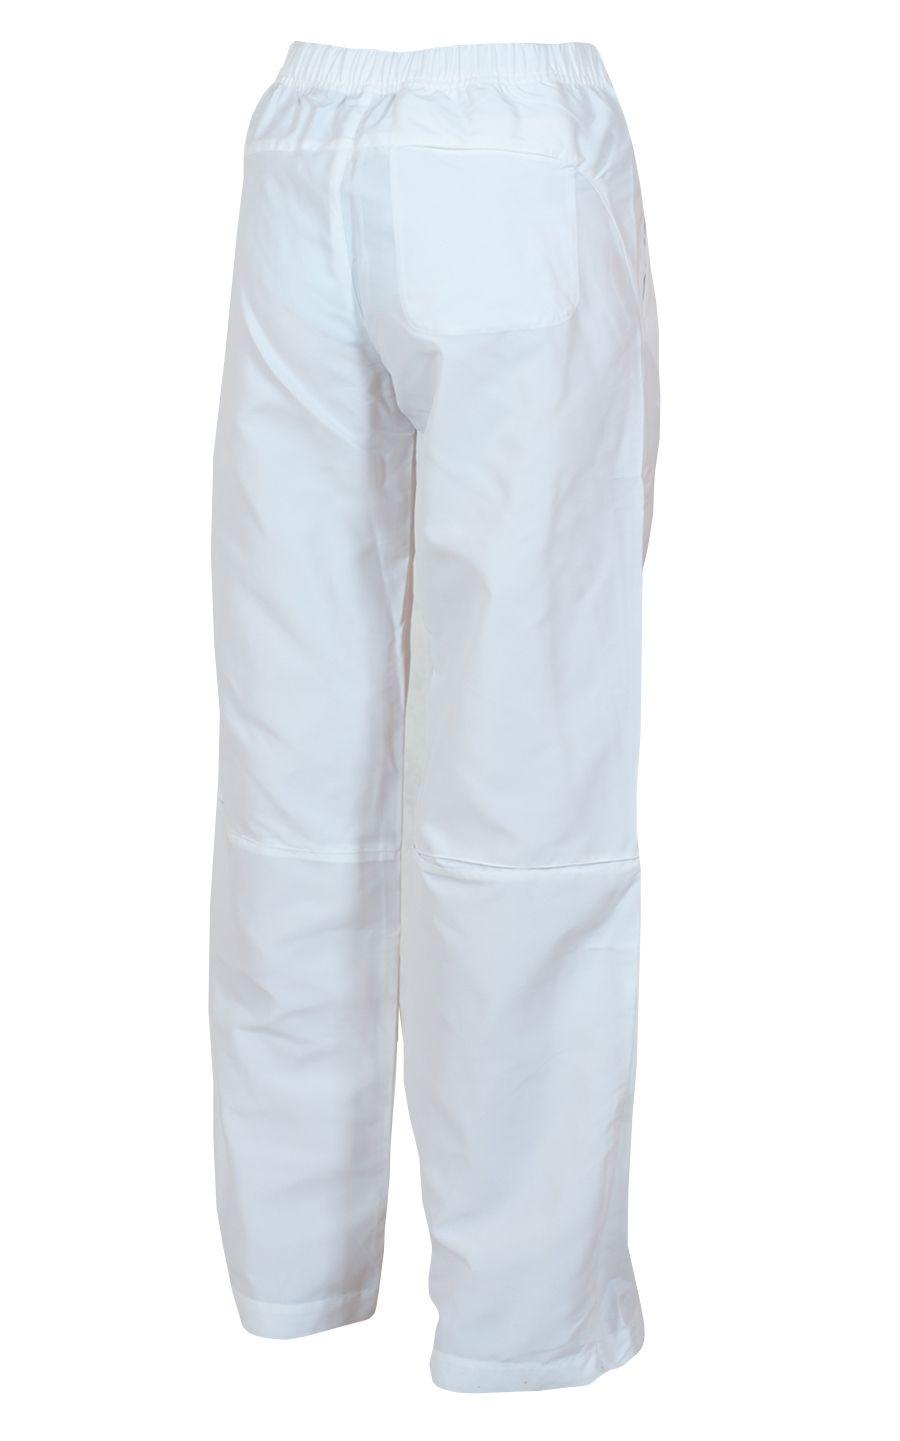 Модные спортивные брюки для женщин - вид сзади